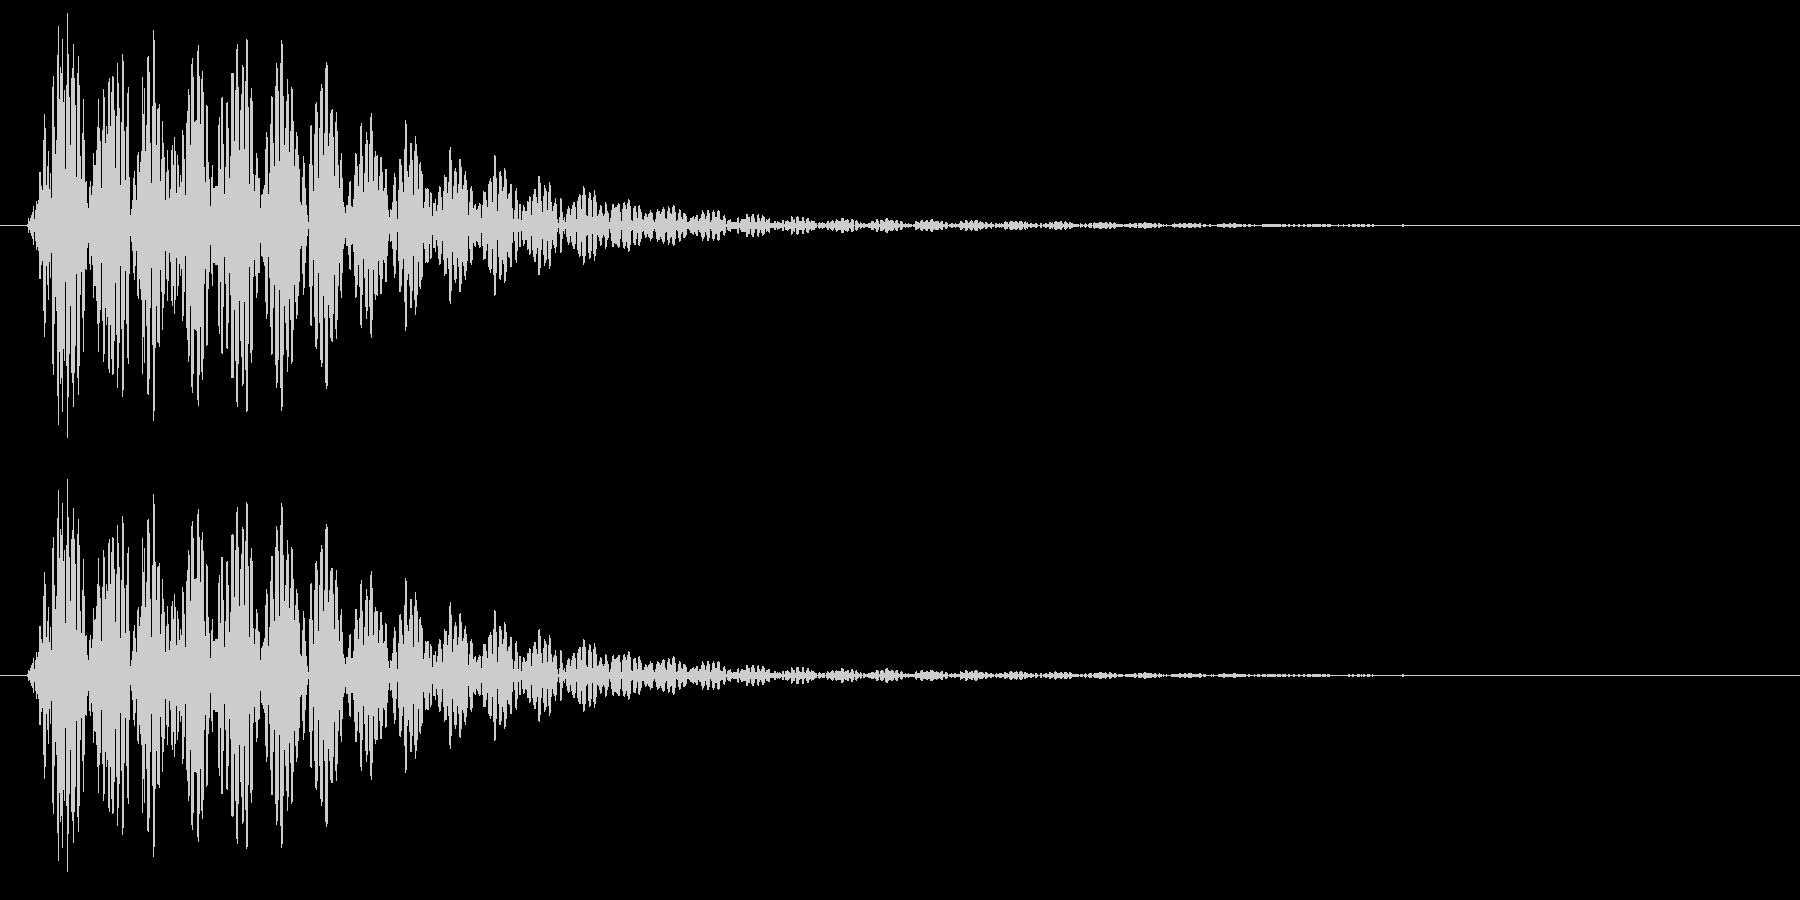 ポン、というはっきりした決定音の未再生の波形